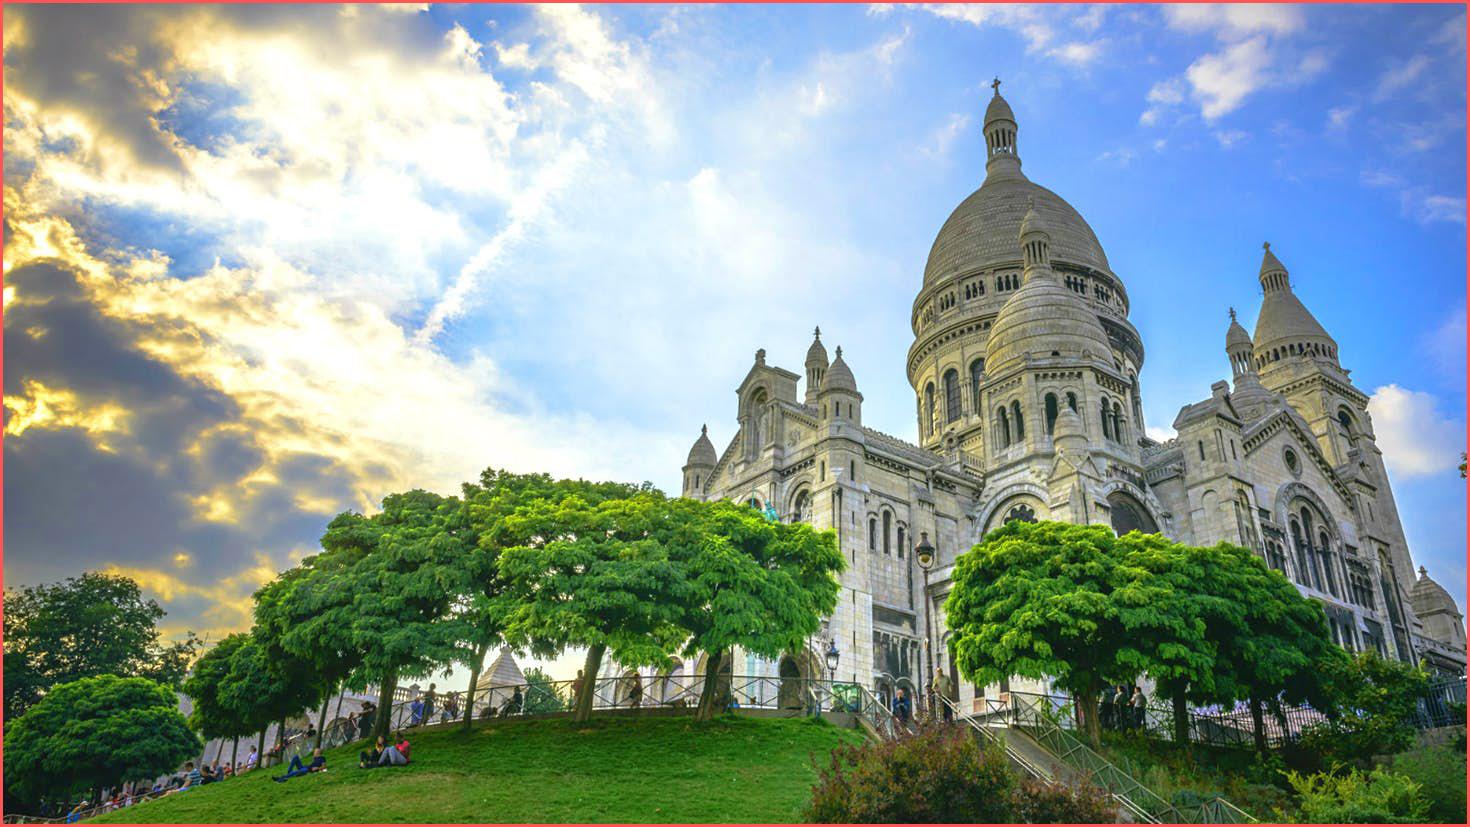 3 من أفضل المعالم السياحية في باريس الأجدر بالزيارة